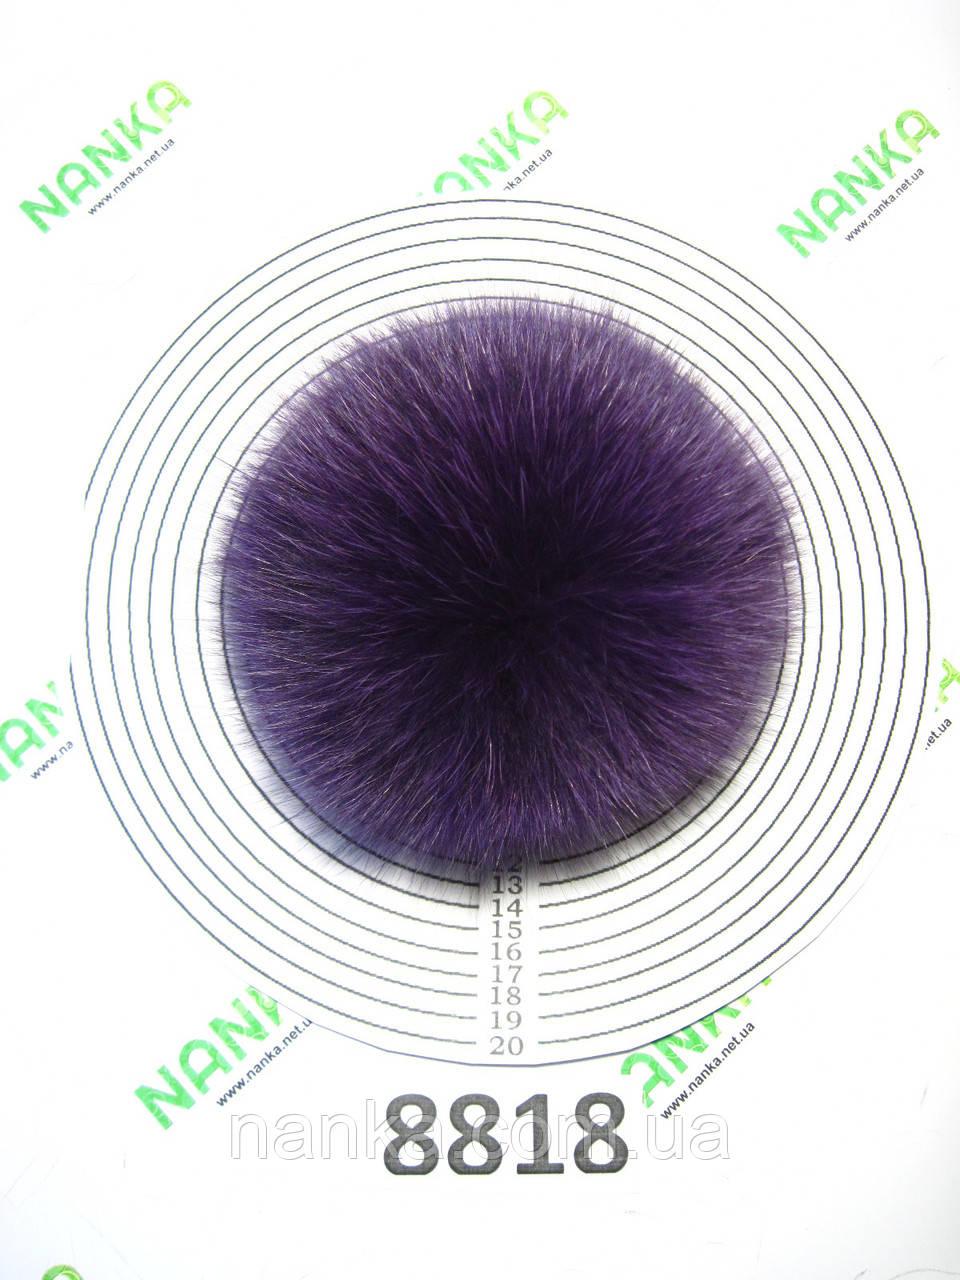 Меховой помпон Песец, Фиолетовый, 12 см, 8818